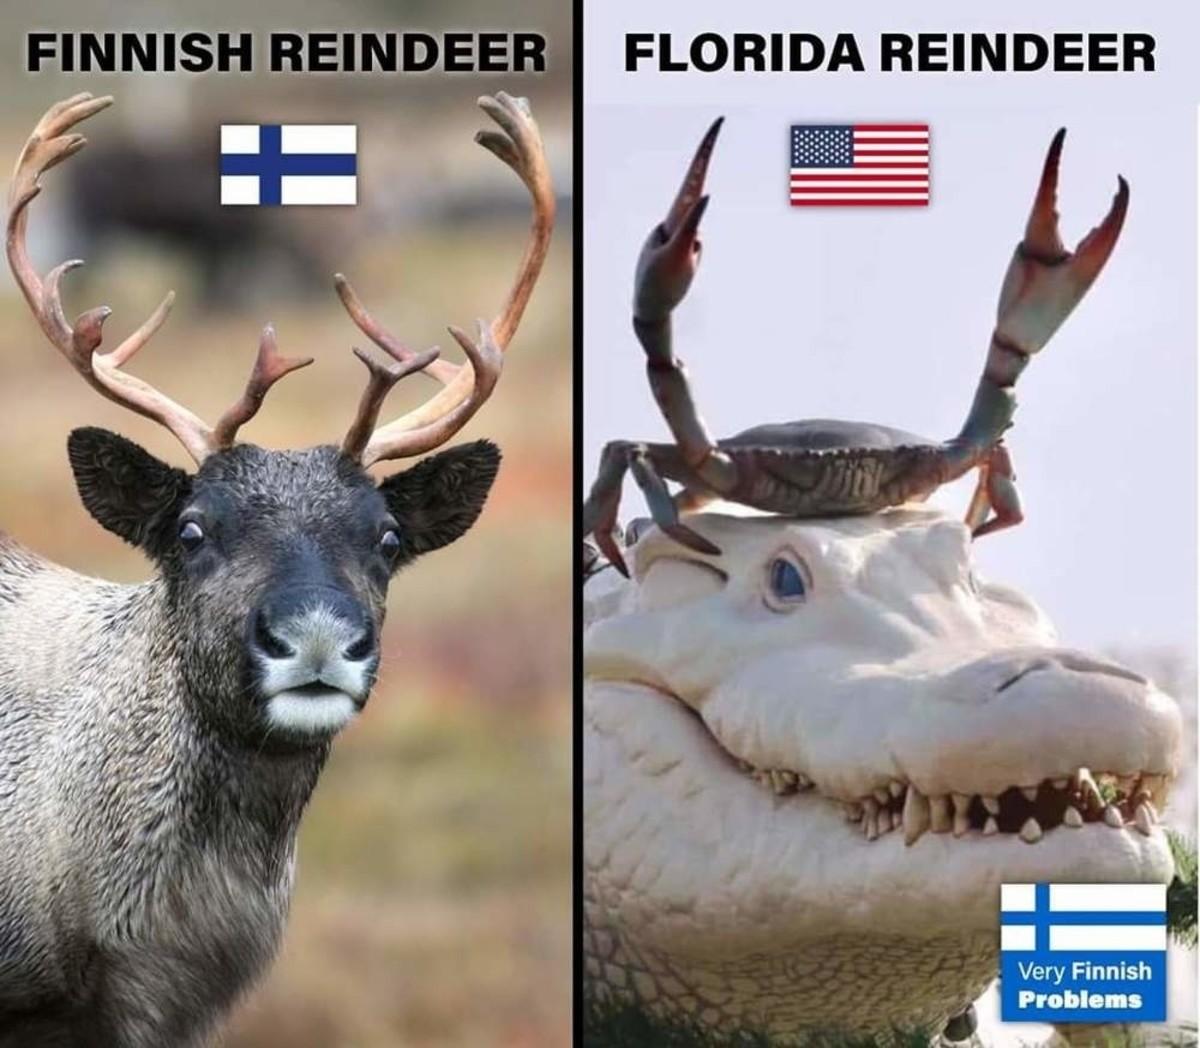 Florida Reindeer. .. Why Finland? America has reindeer.